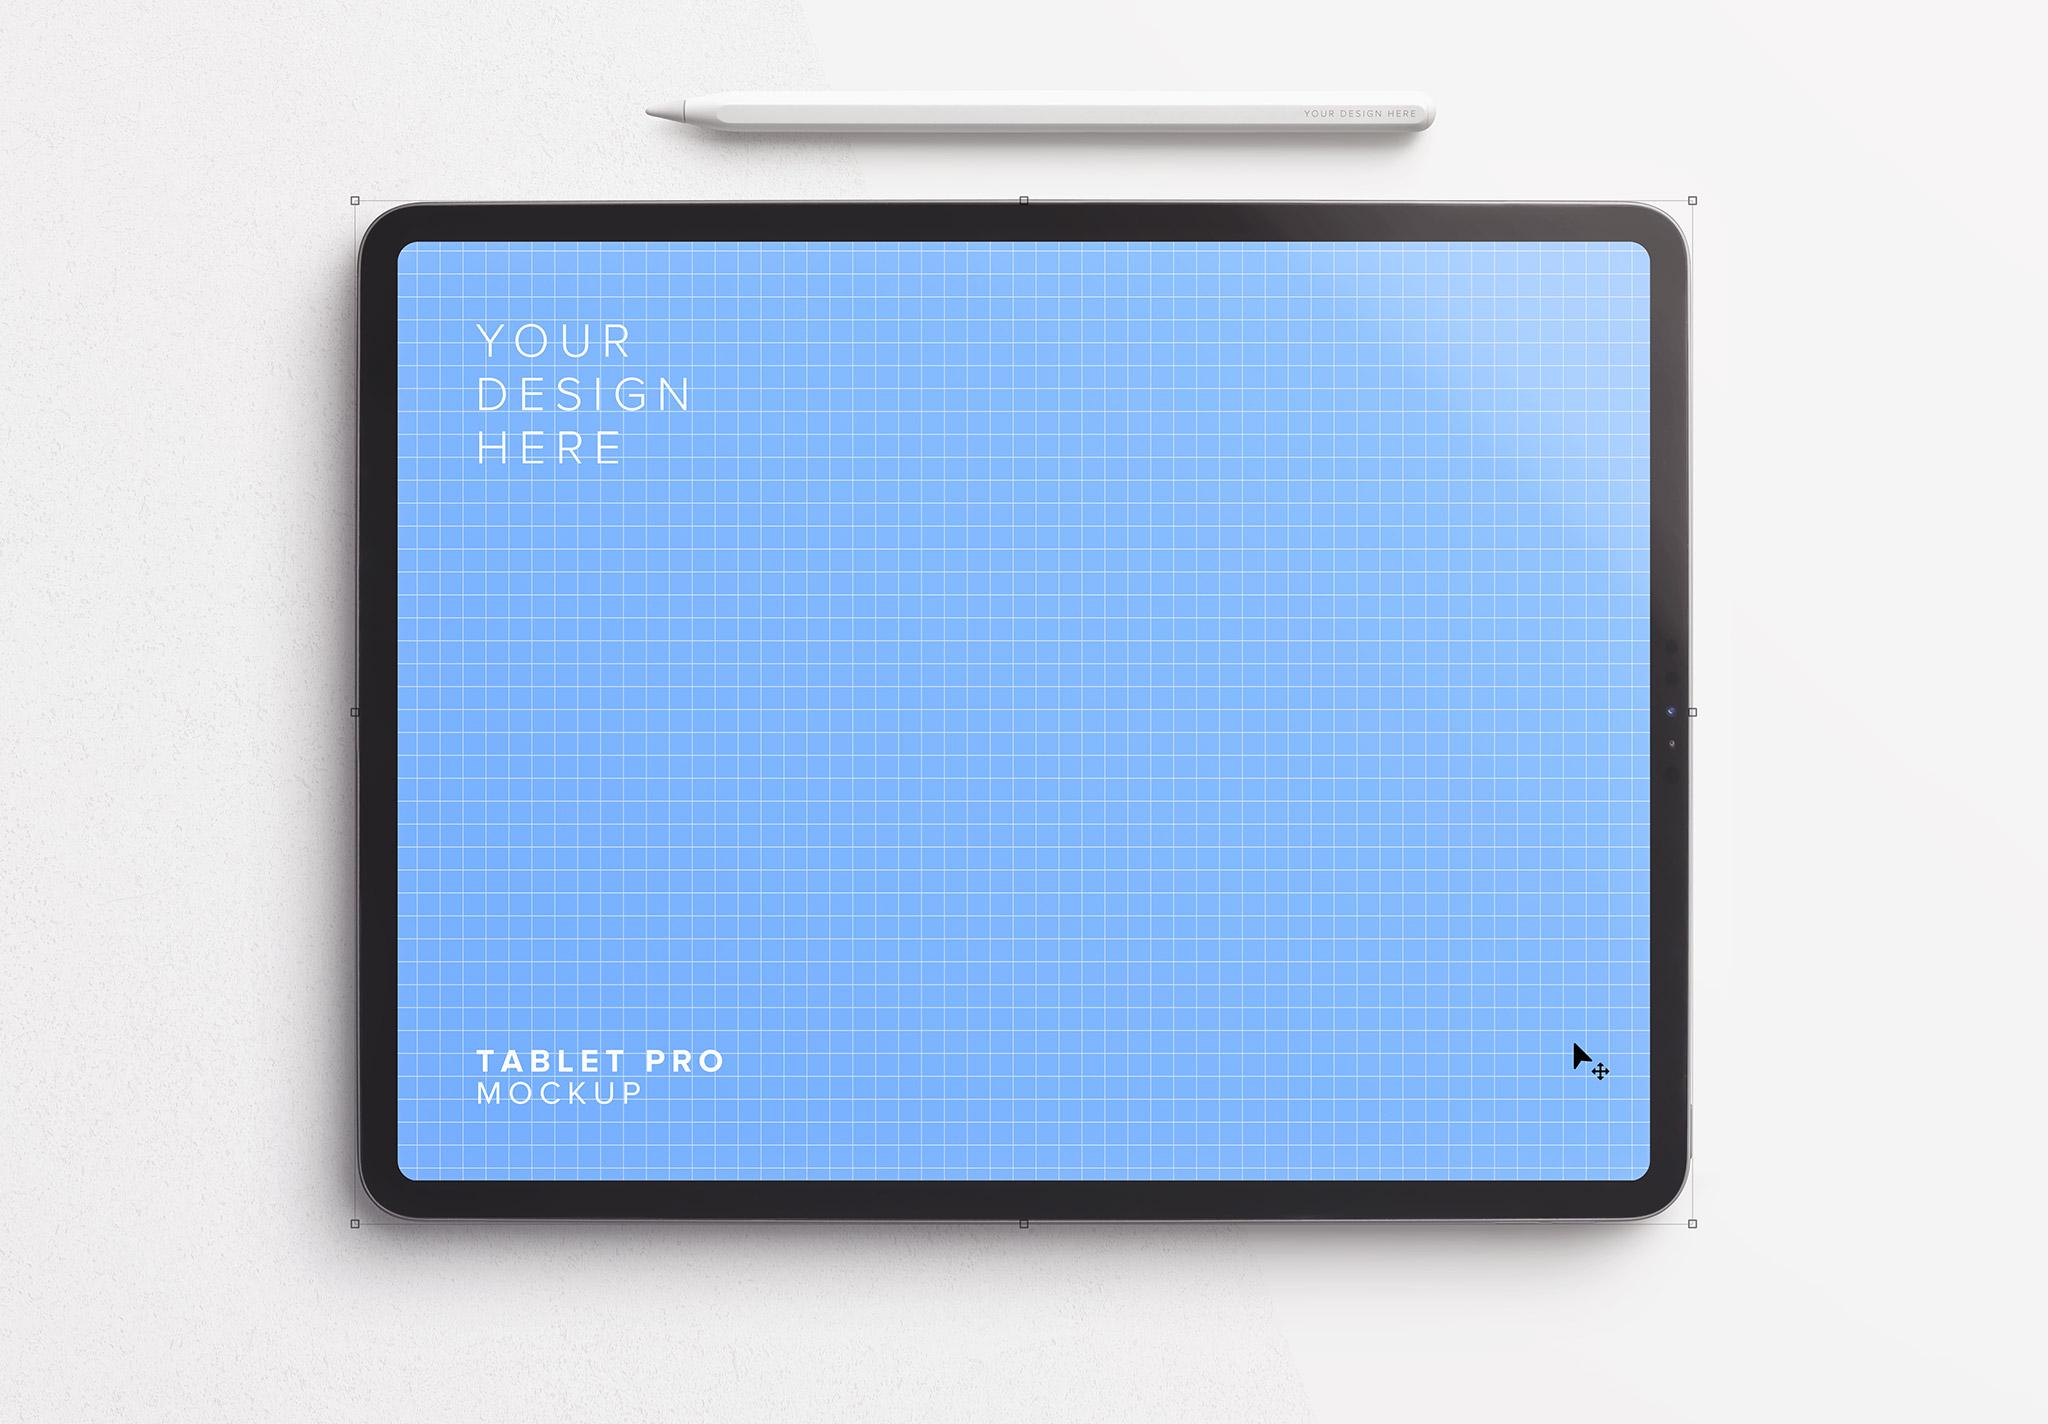 tablet pro mockup image01